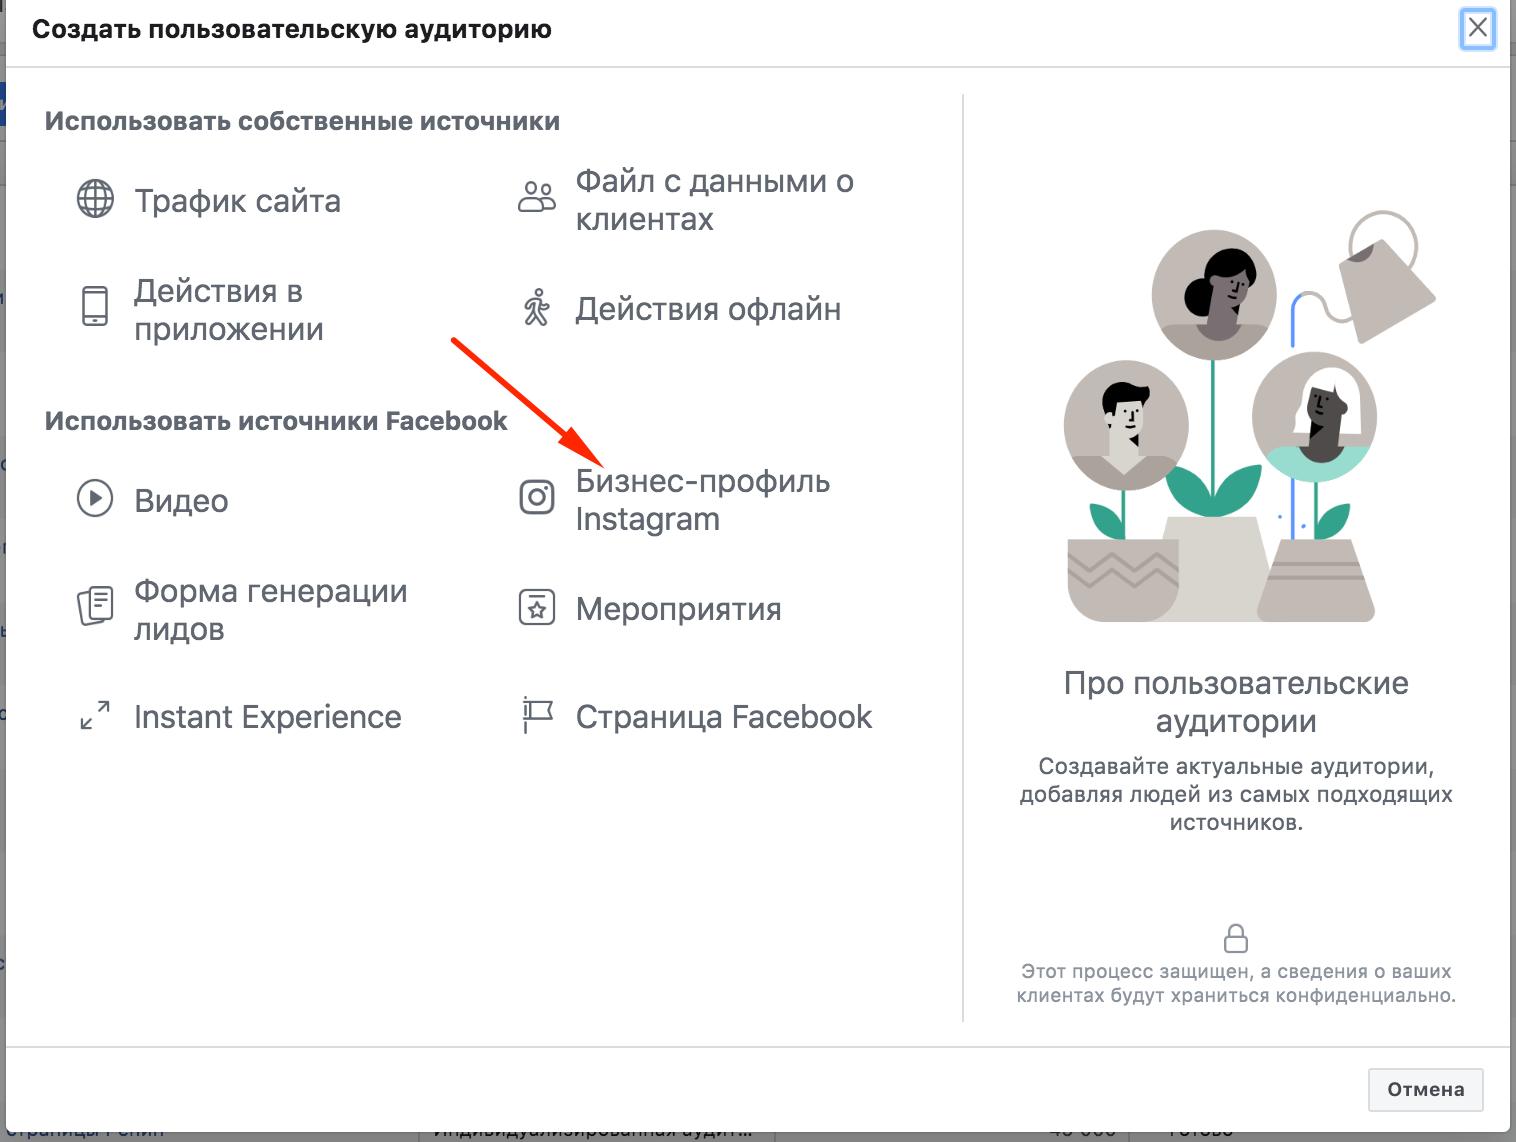 Пользовательские аудитории Facebook